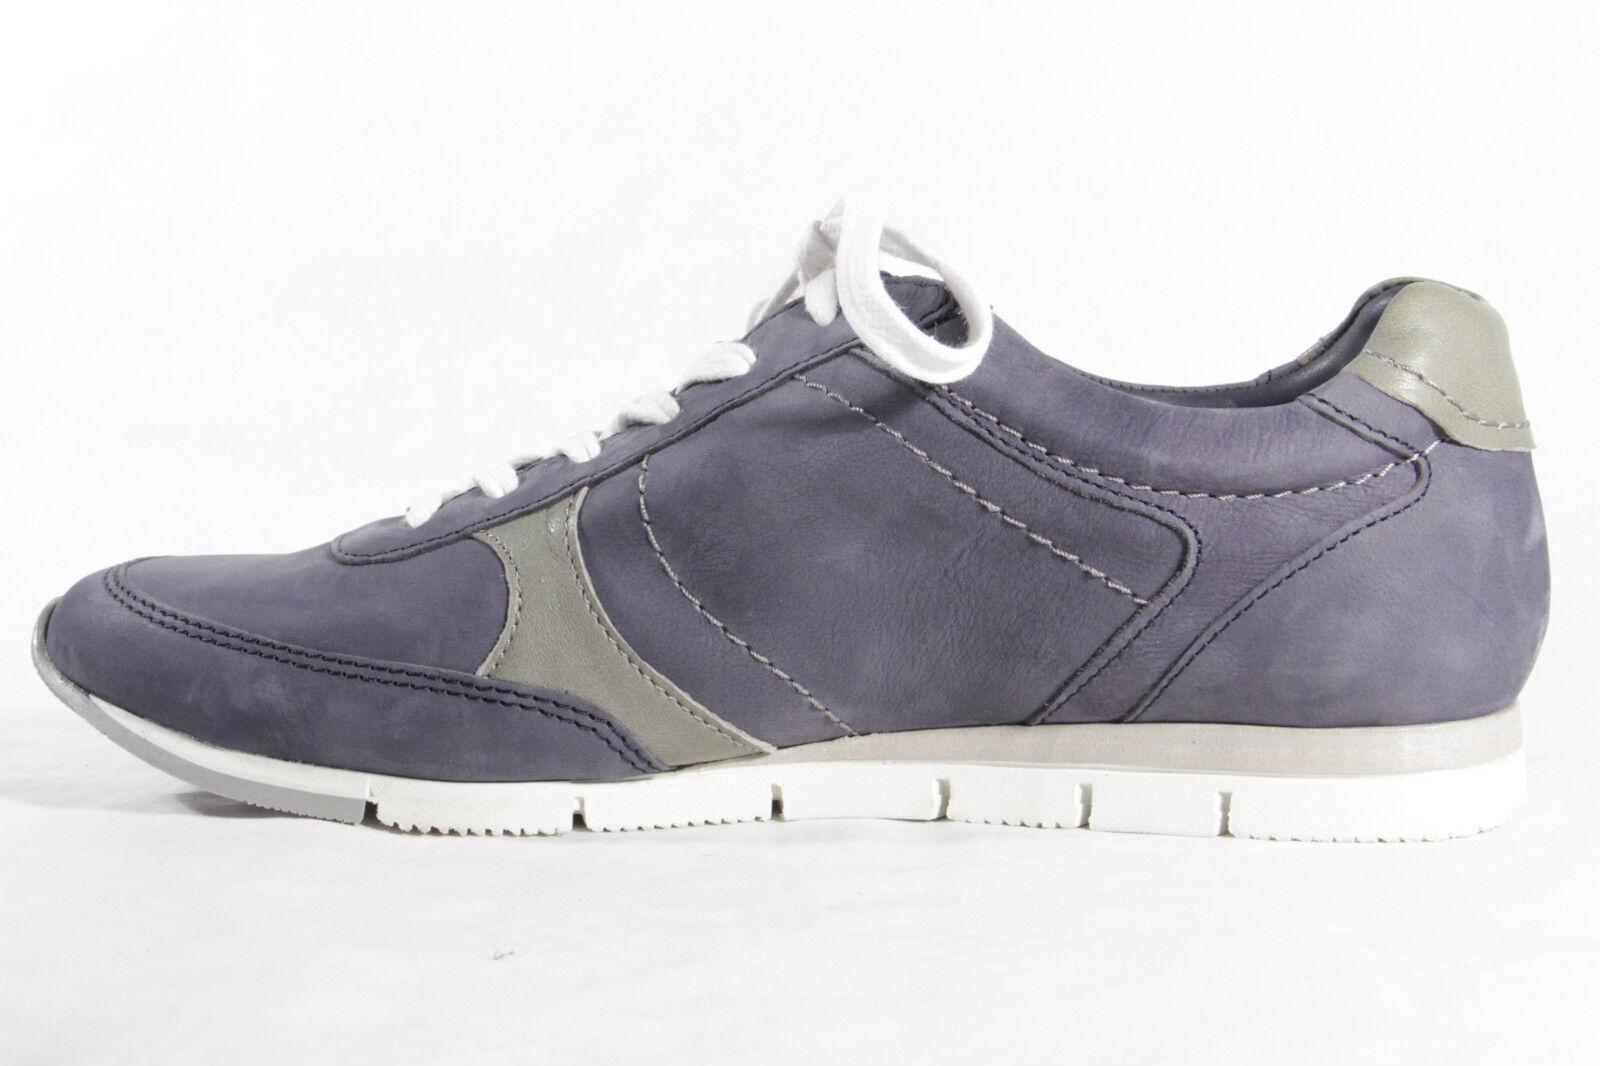 BUGATTI Femmes Chaussures à lacets de sport basses cuir véritable bleu 850212 Yq67QKOAKo